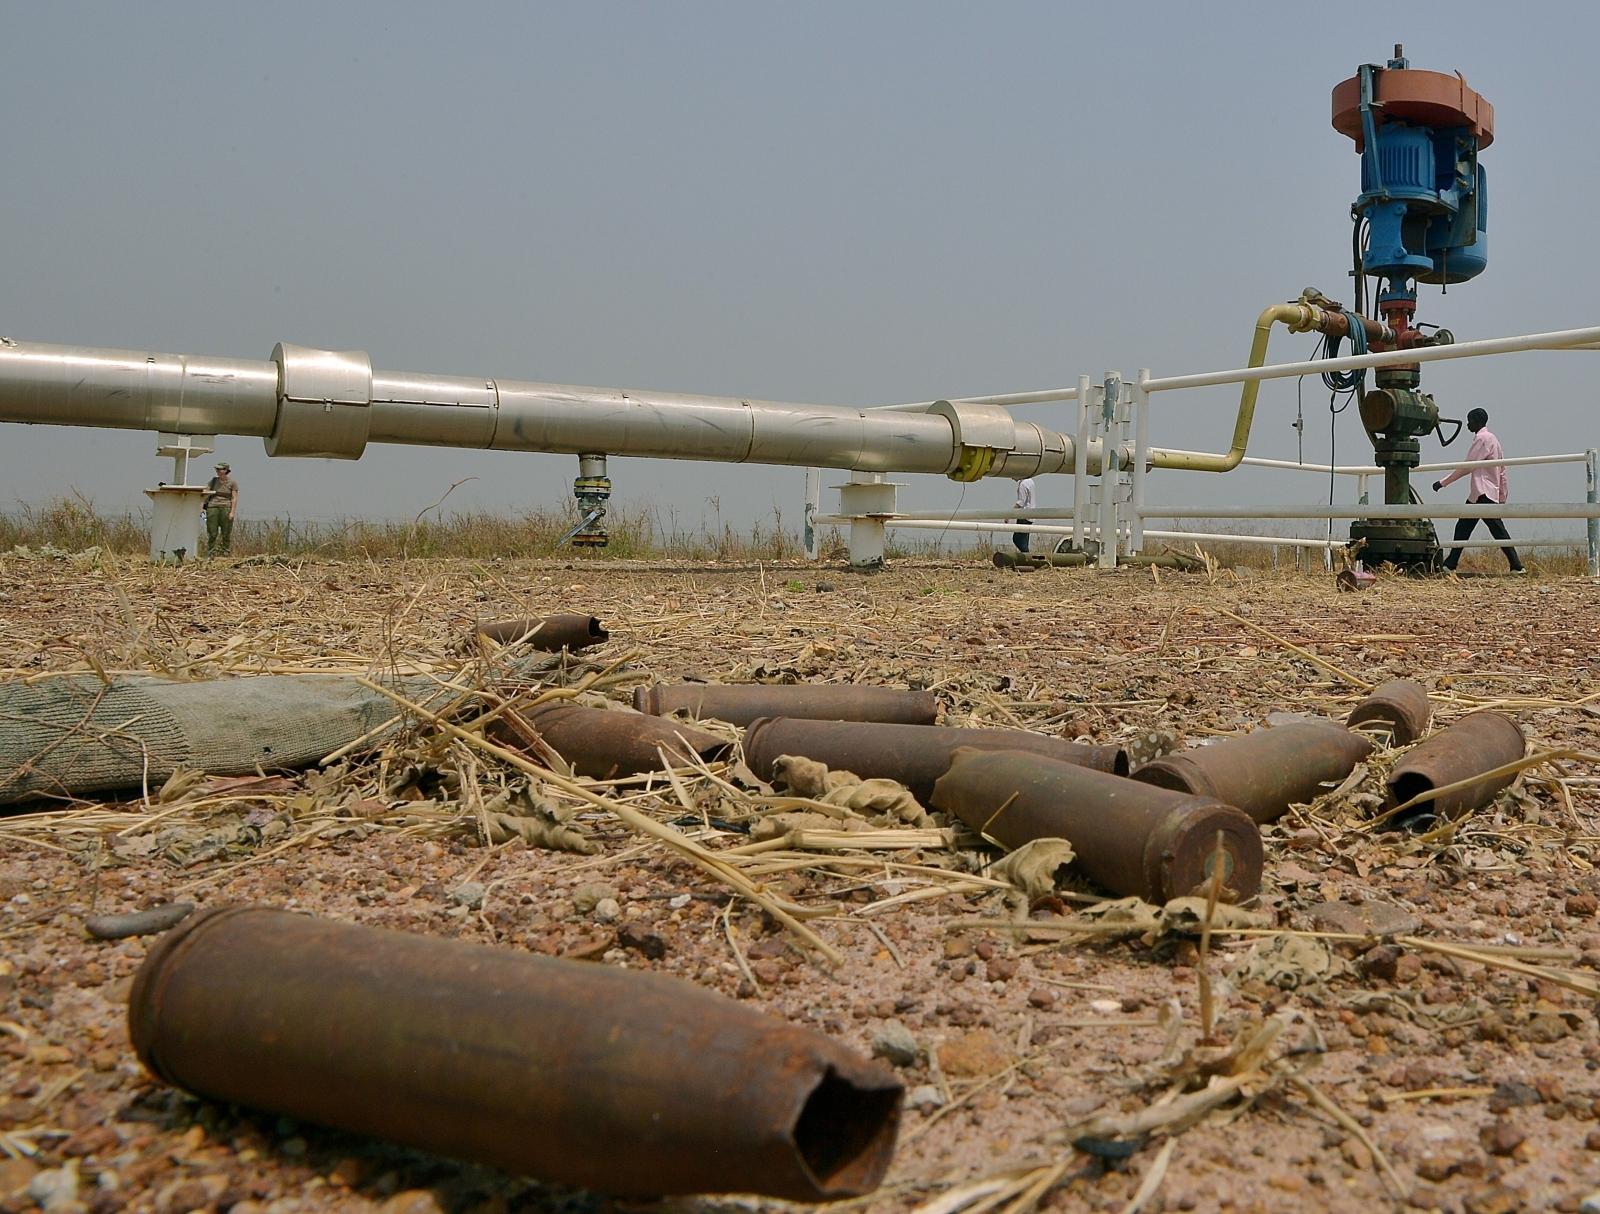 South Sudan oil pipeline